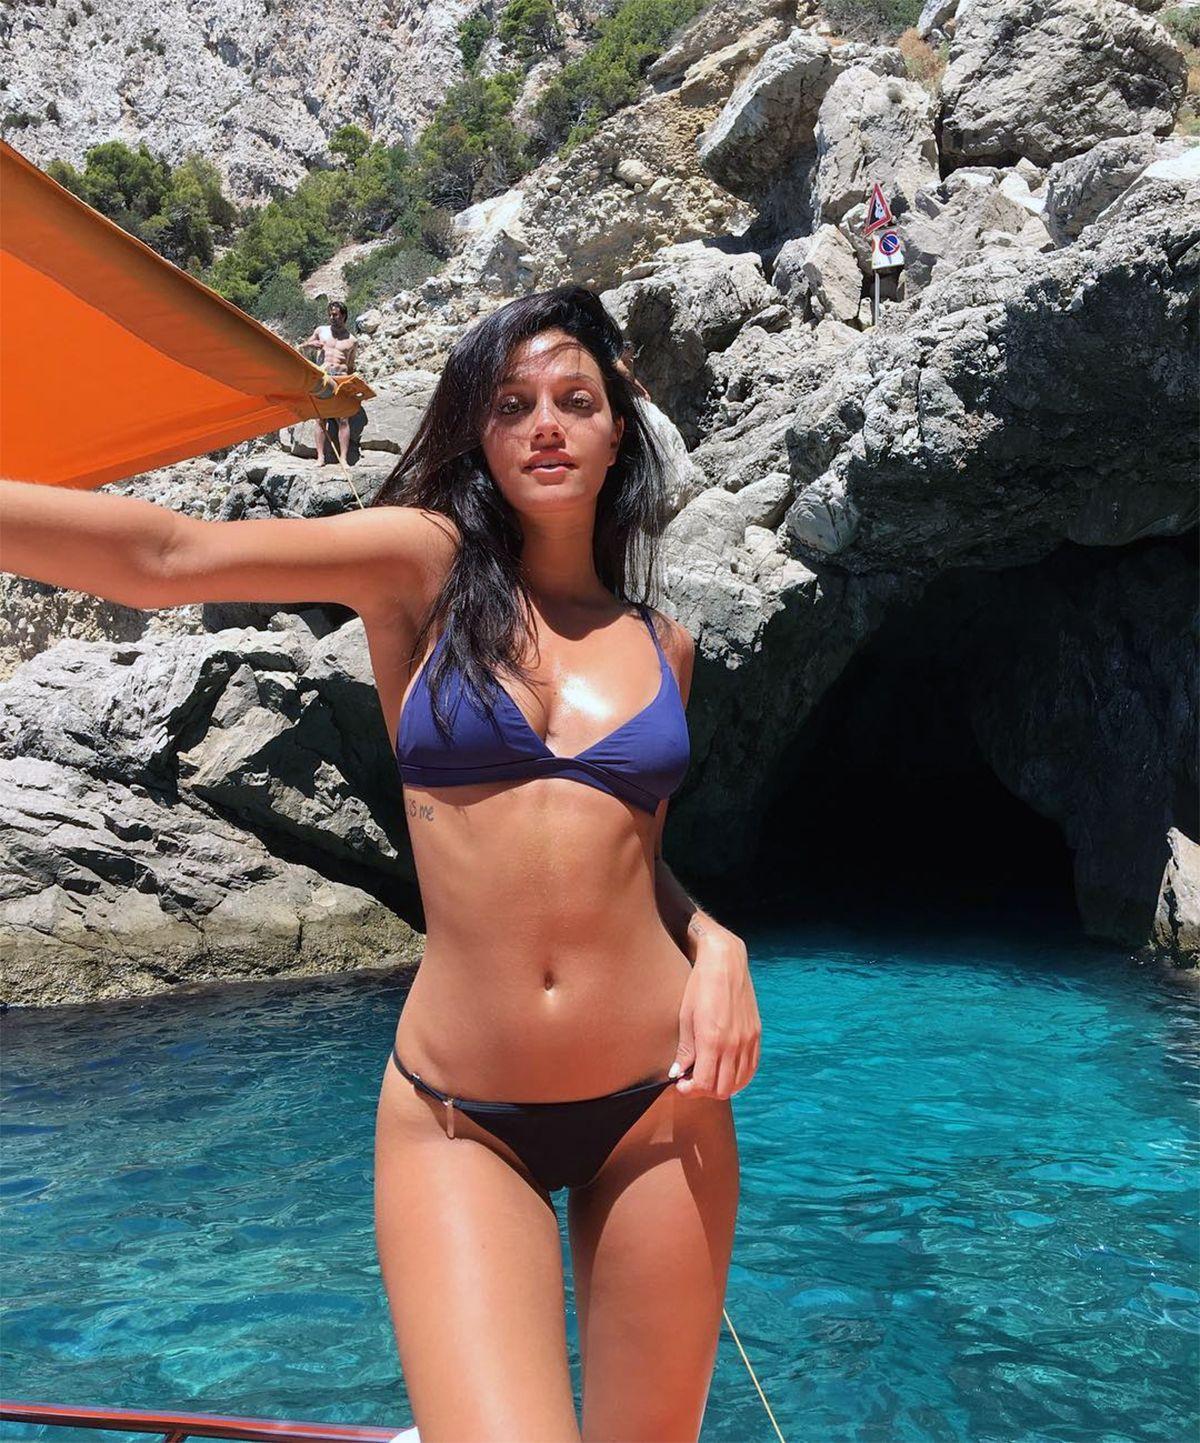 Oriana Sabatini se tatuó el nombre de su hurón Coco